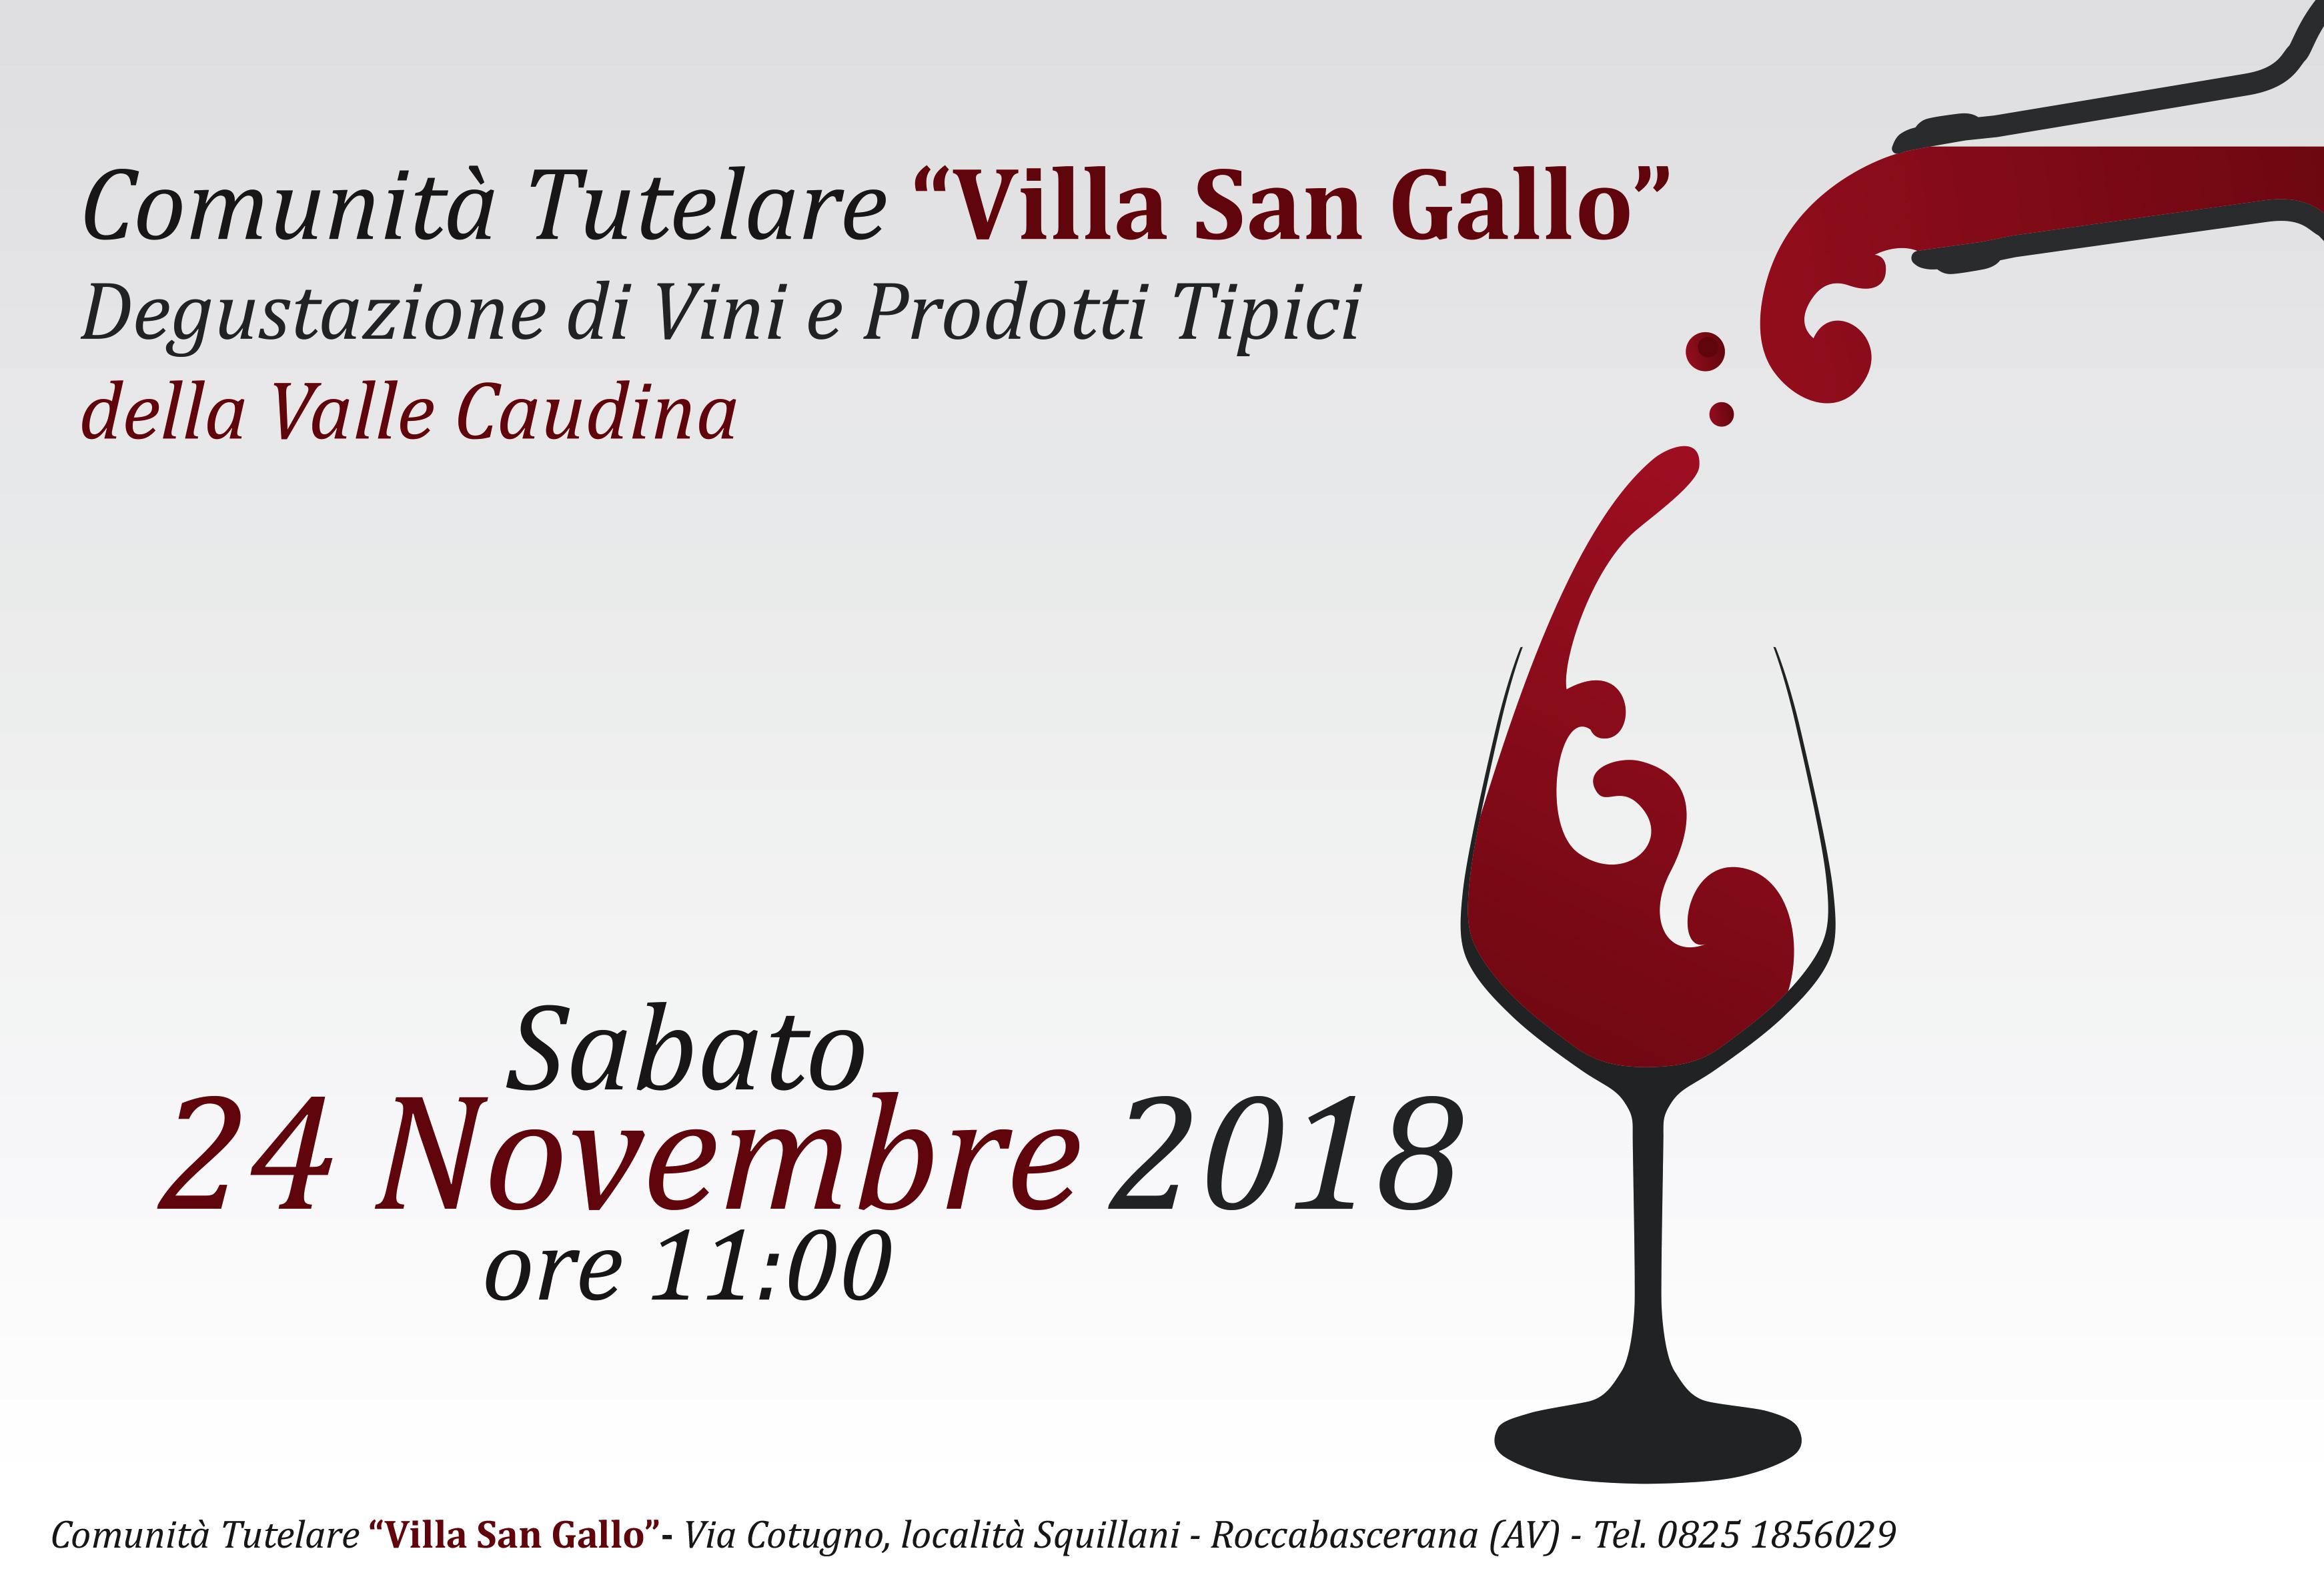 Degustazione di Vini e Prodotti Tipici della Valle Caudina